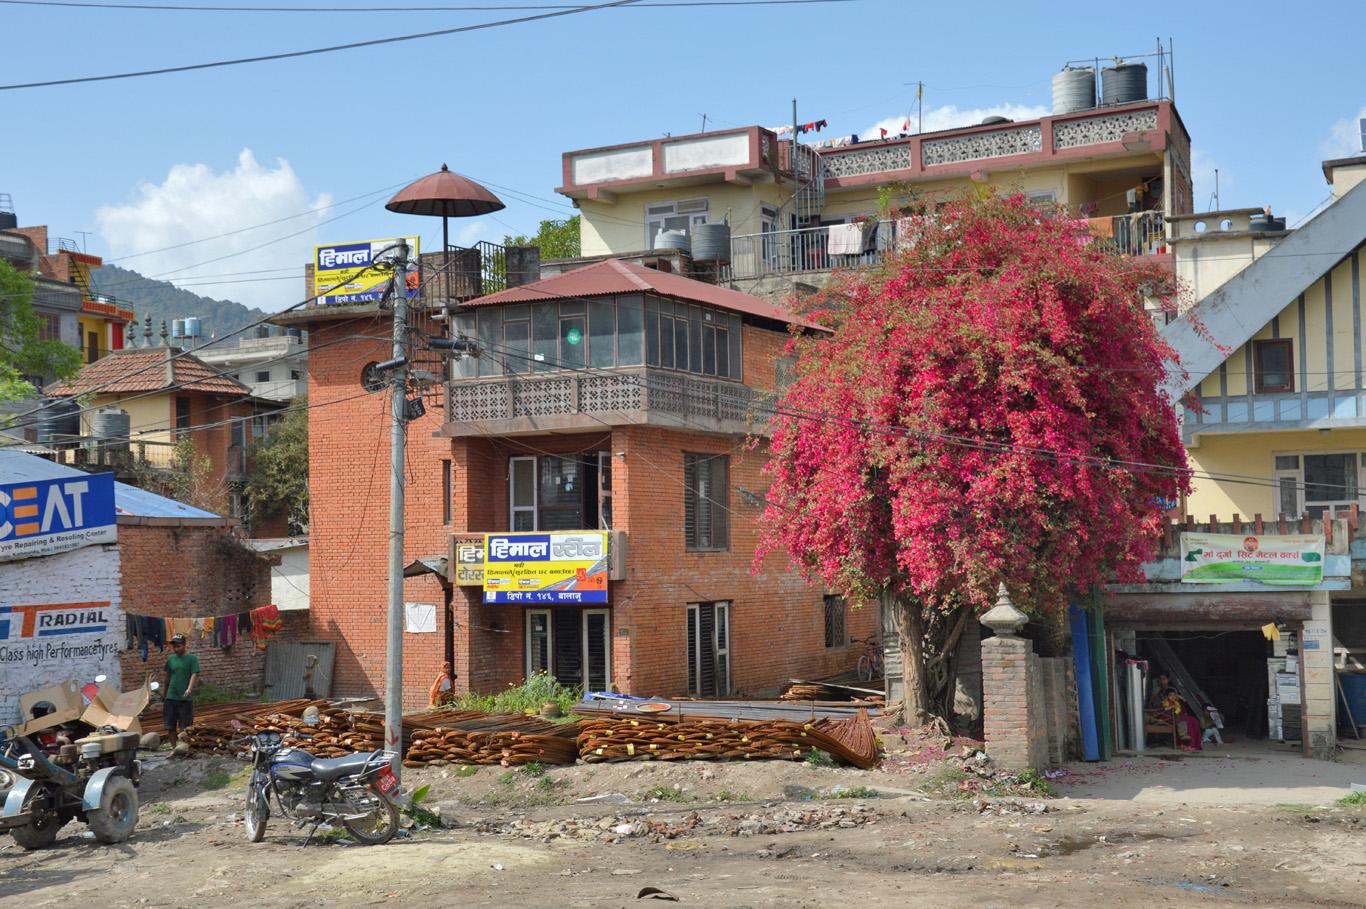 Street scene in Kathmandu